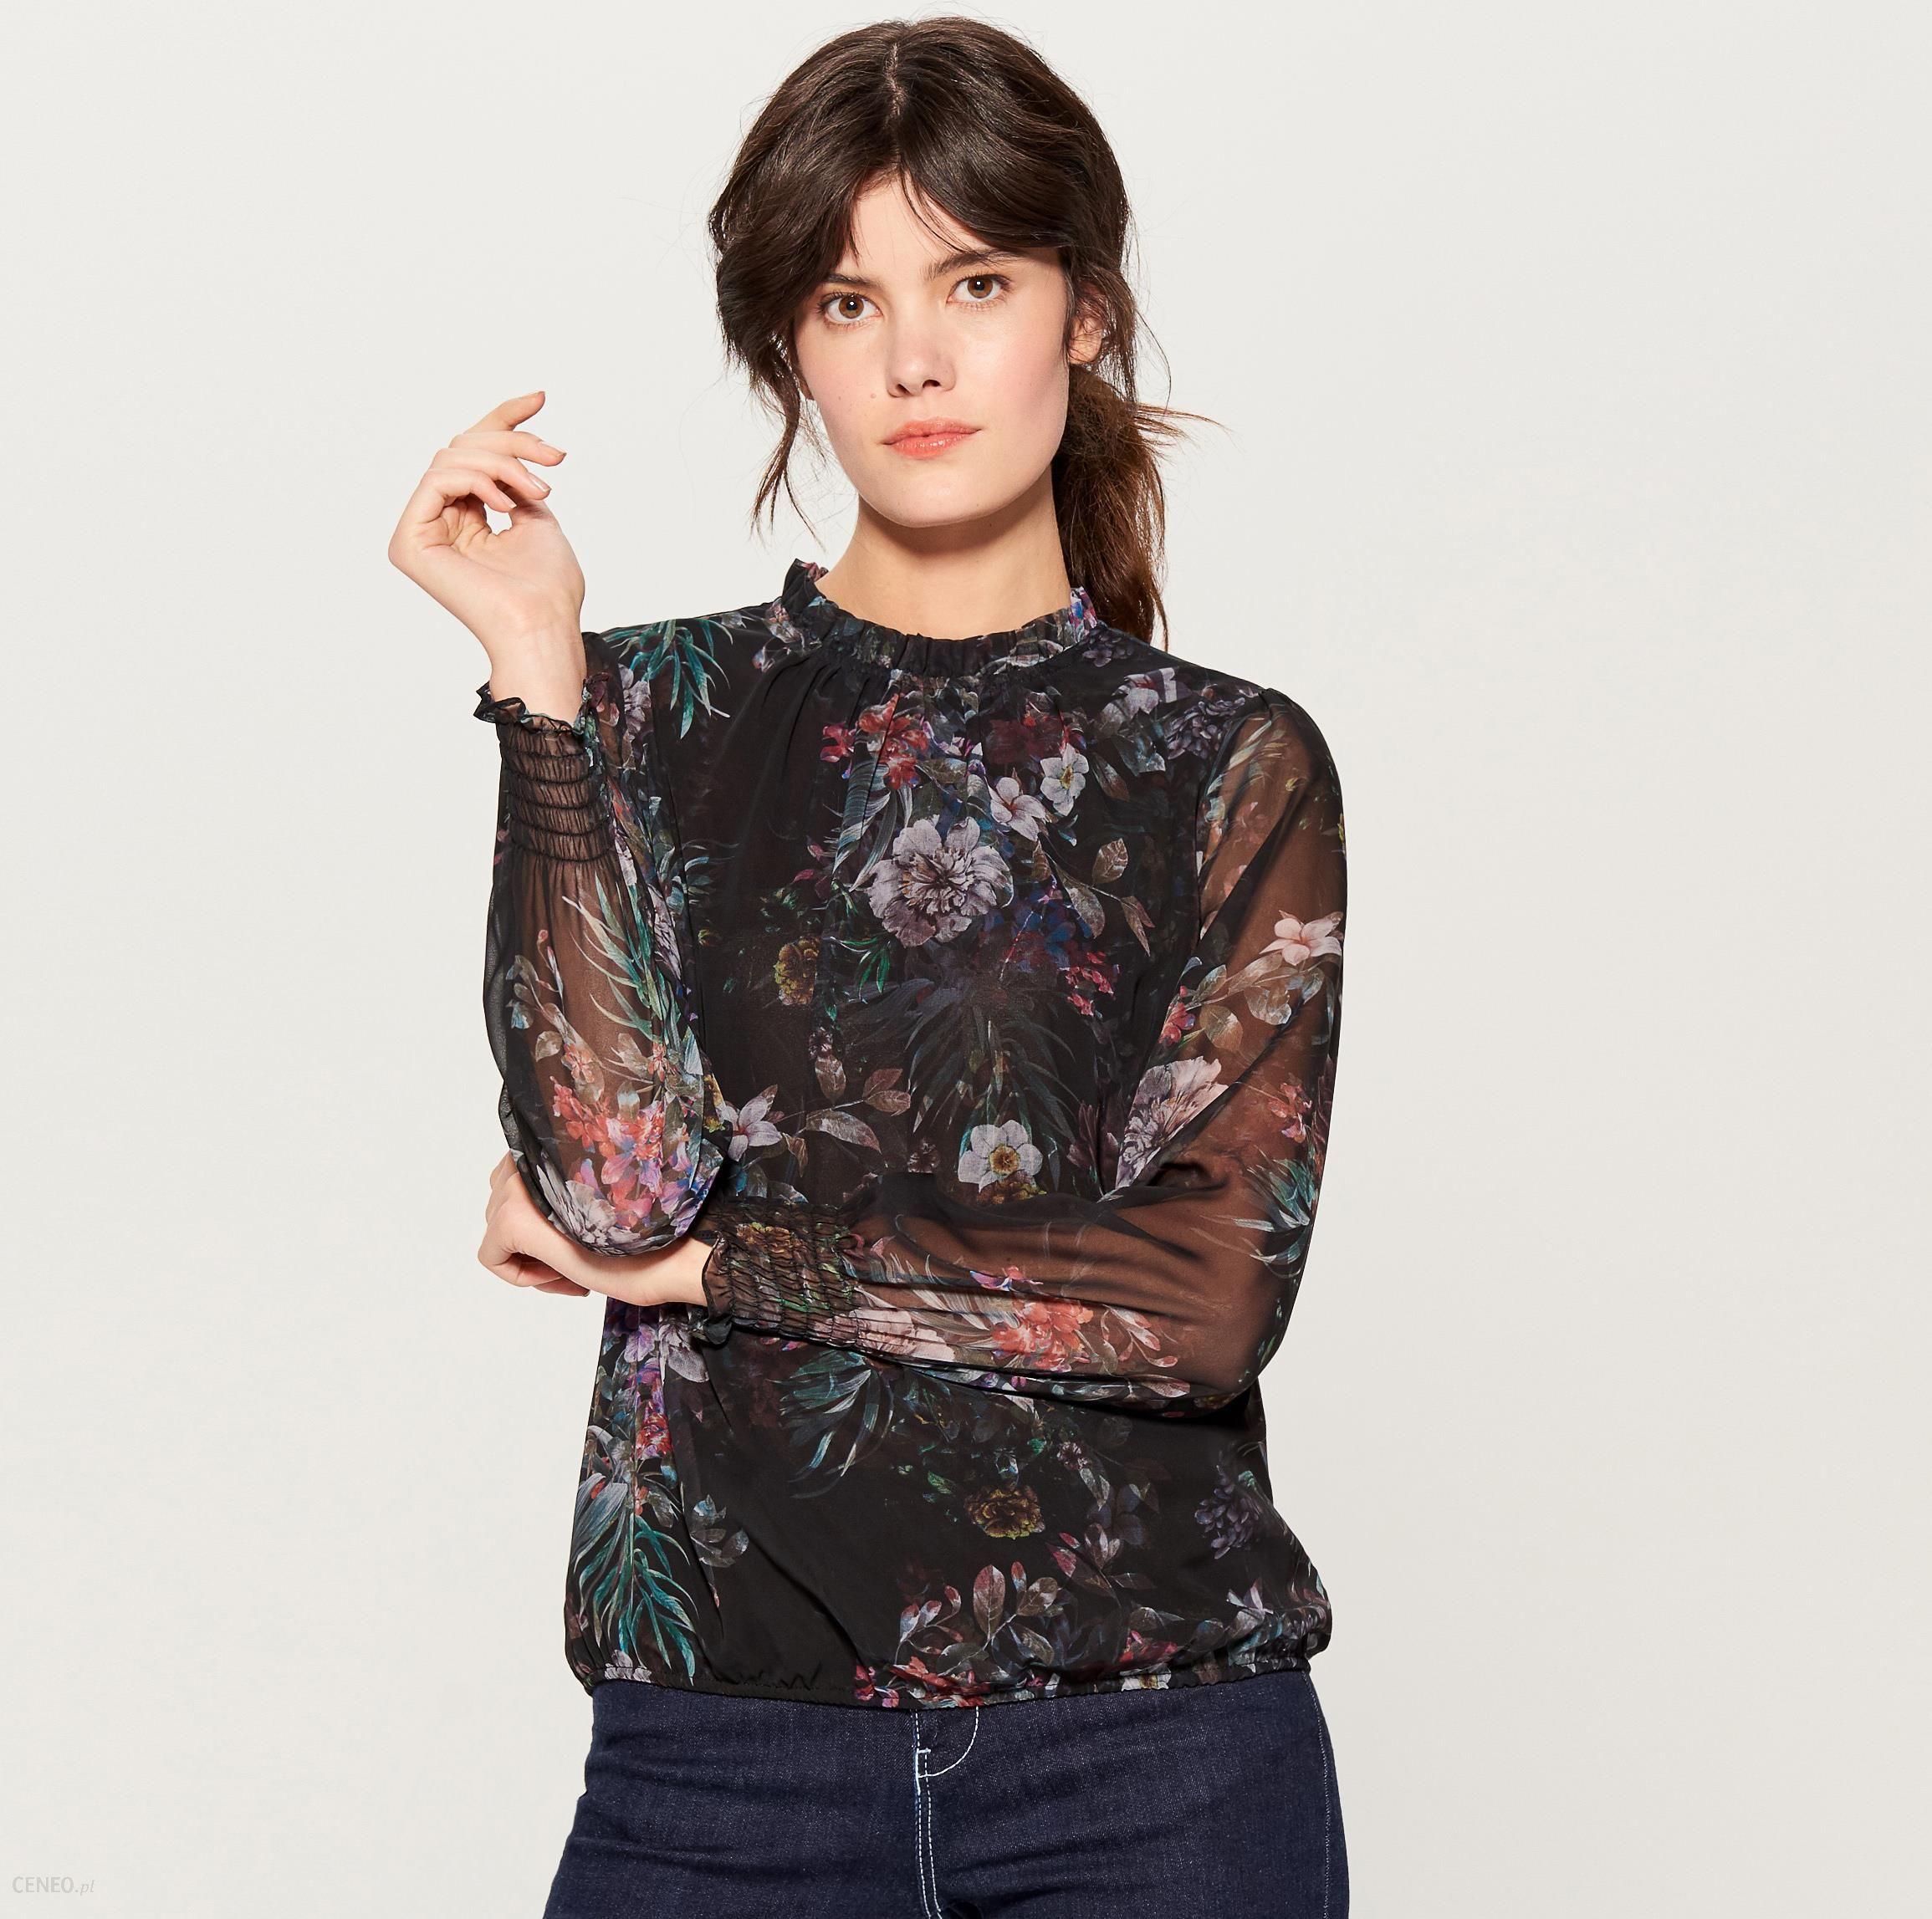 bdb3c7154ff9 Mohito - Szyfonowa bluzka w kwiaty - Czarny - Ceny i opinie - Ceneo.pl